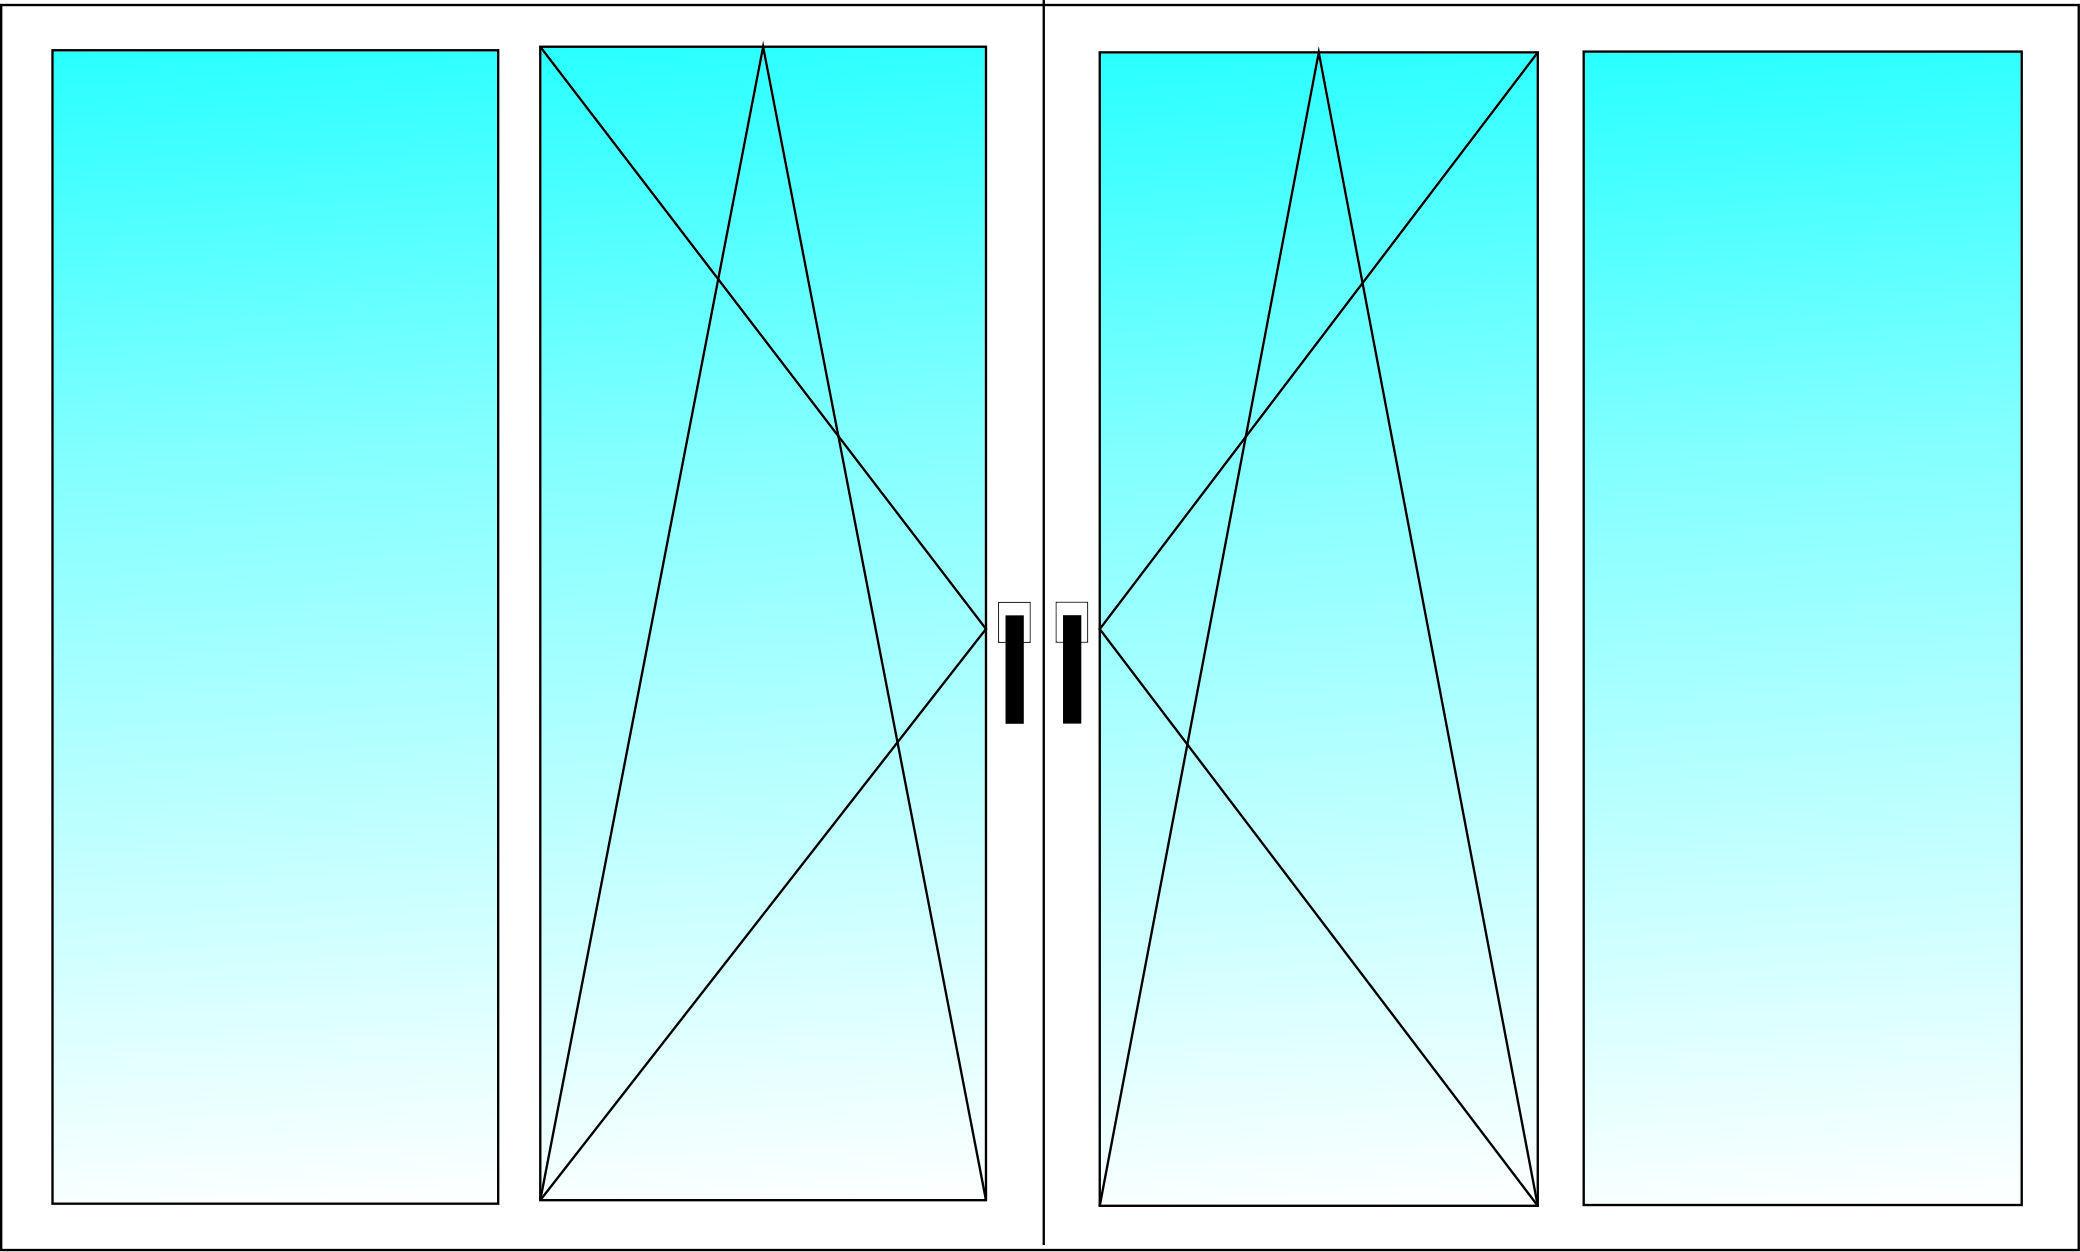 Балконная рама ALUPLAST 3-х камерный профиль с  двухкамерным энергосберегающим стеклопакетом 1500х2500 мм